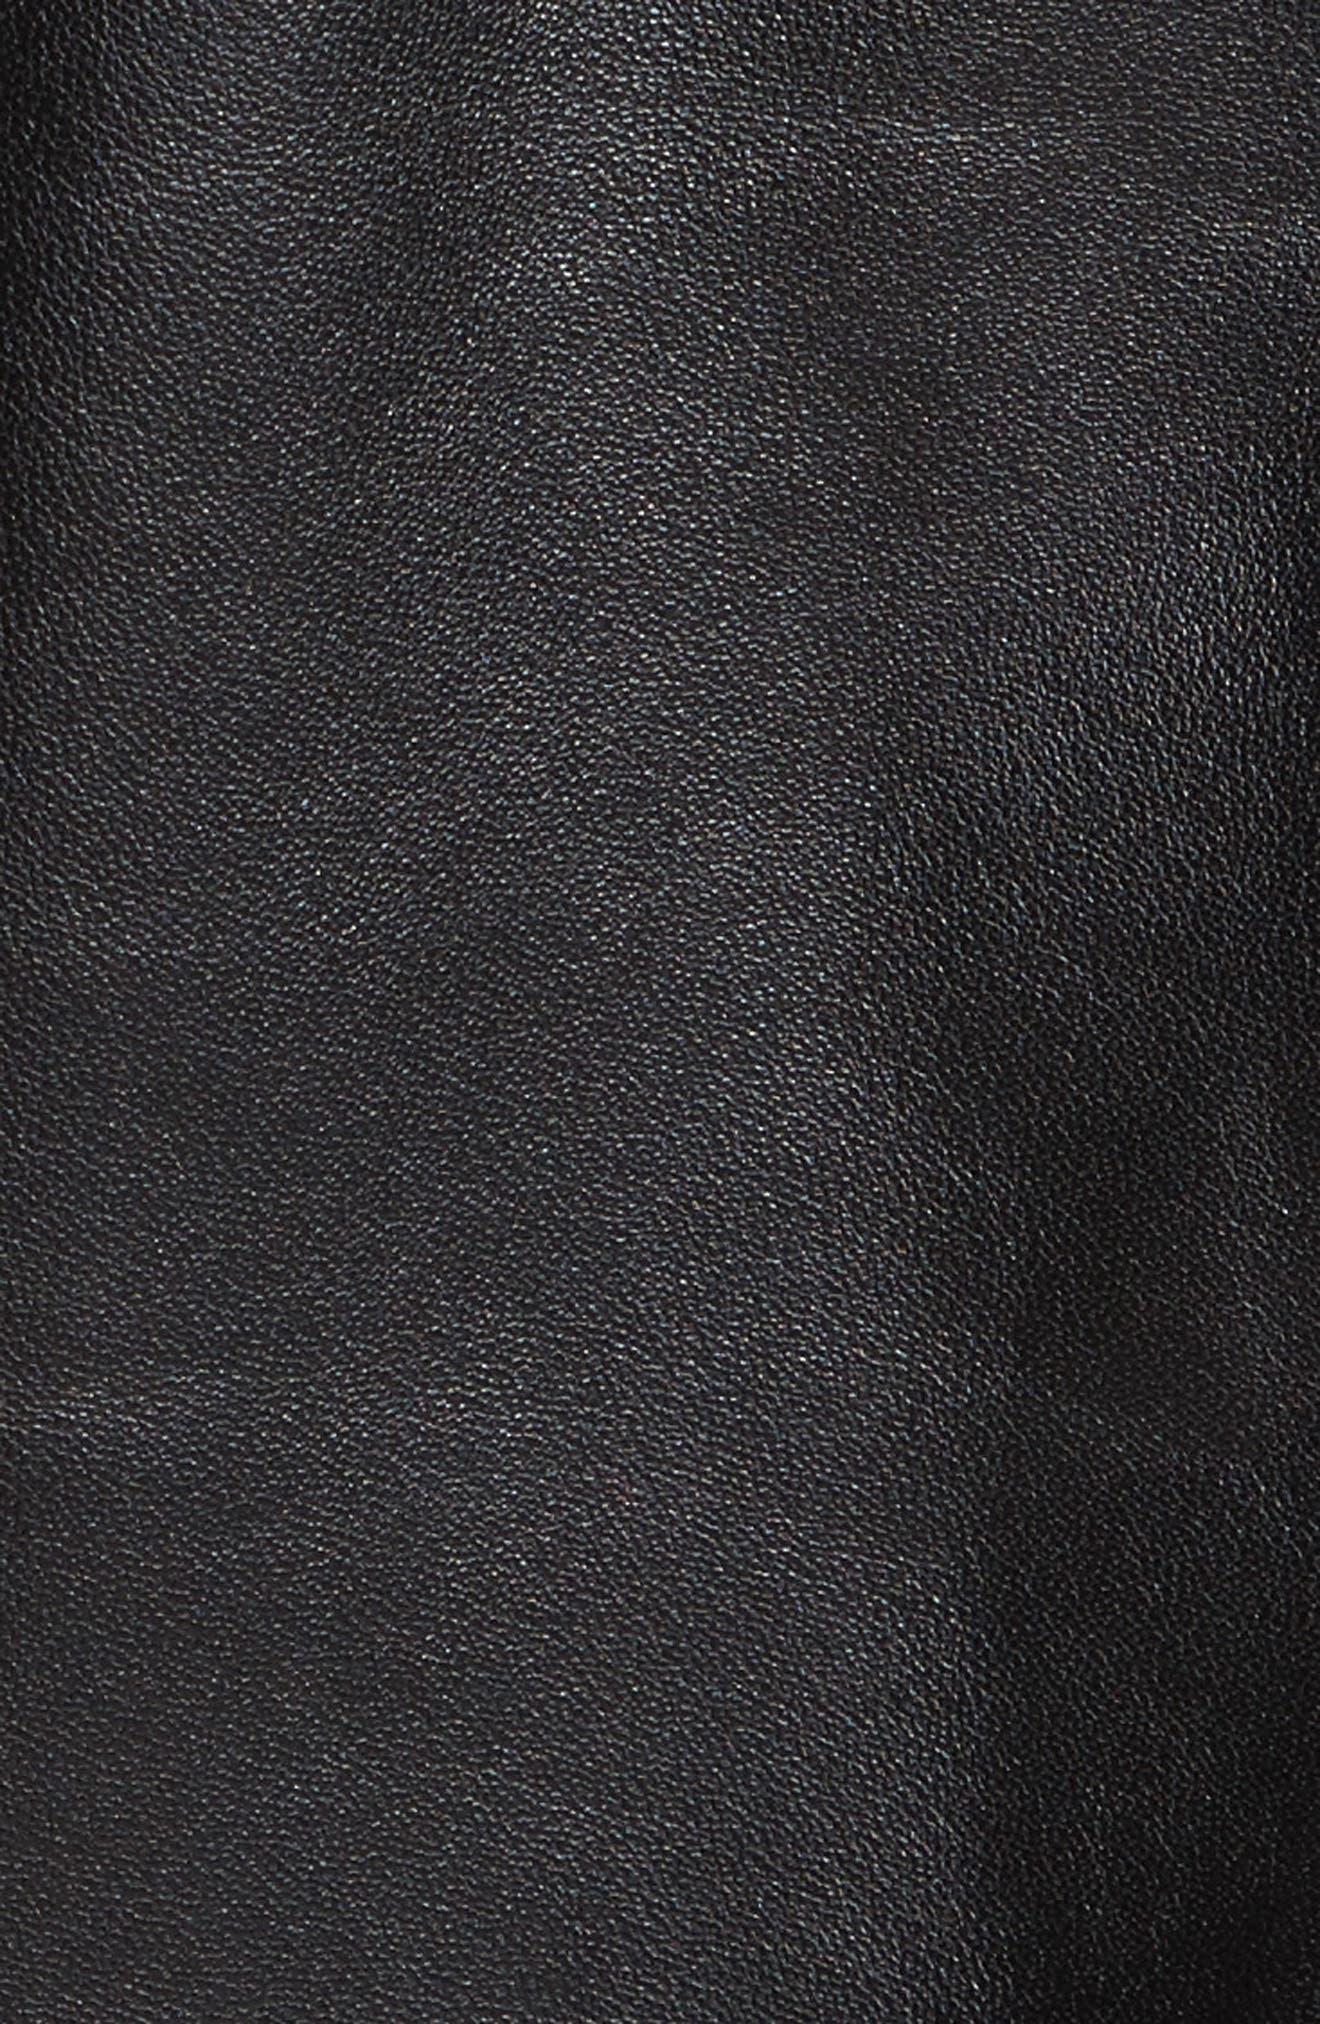 Ryder Leather Biker Jacket,                             Alternate thumbnail 5, color,